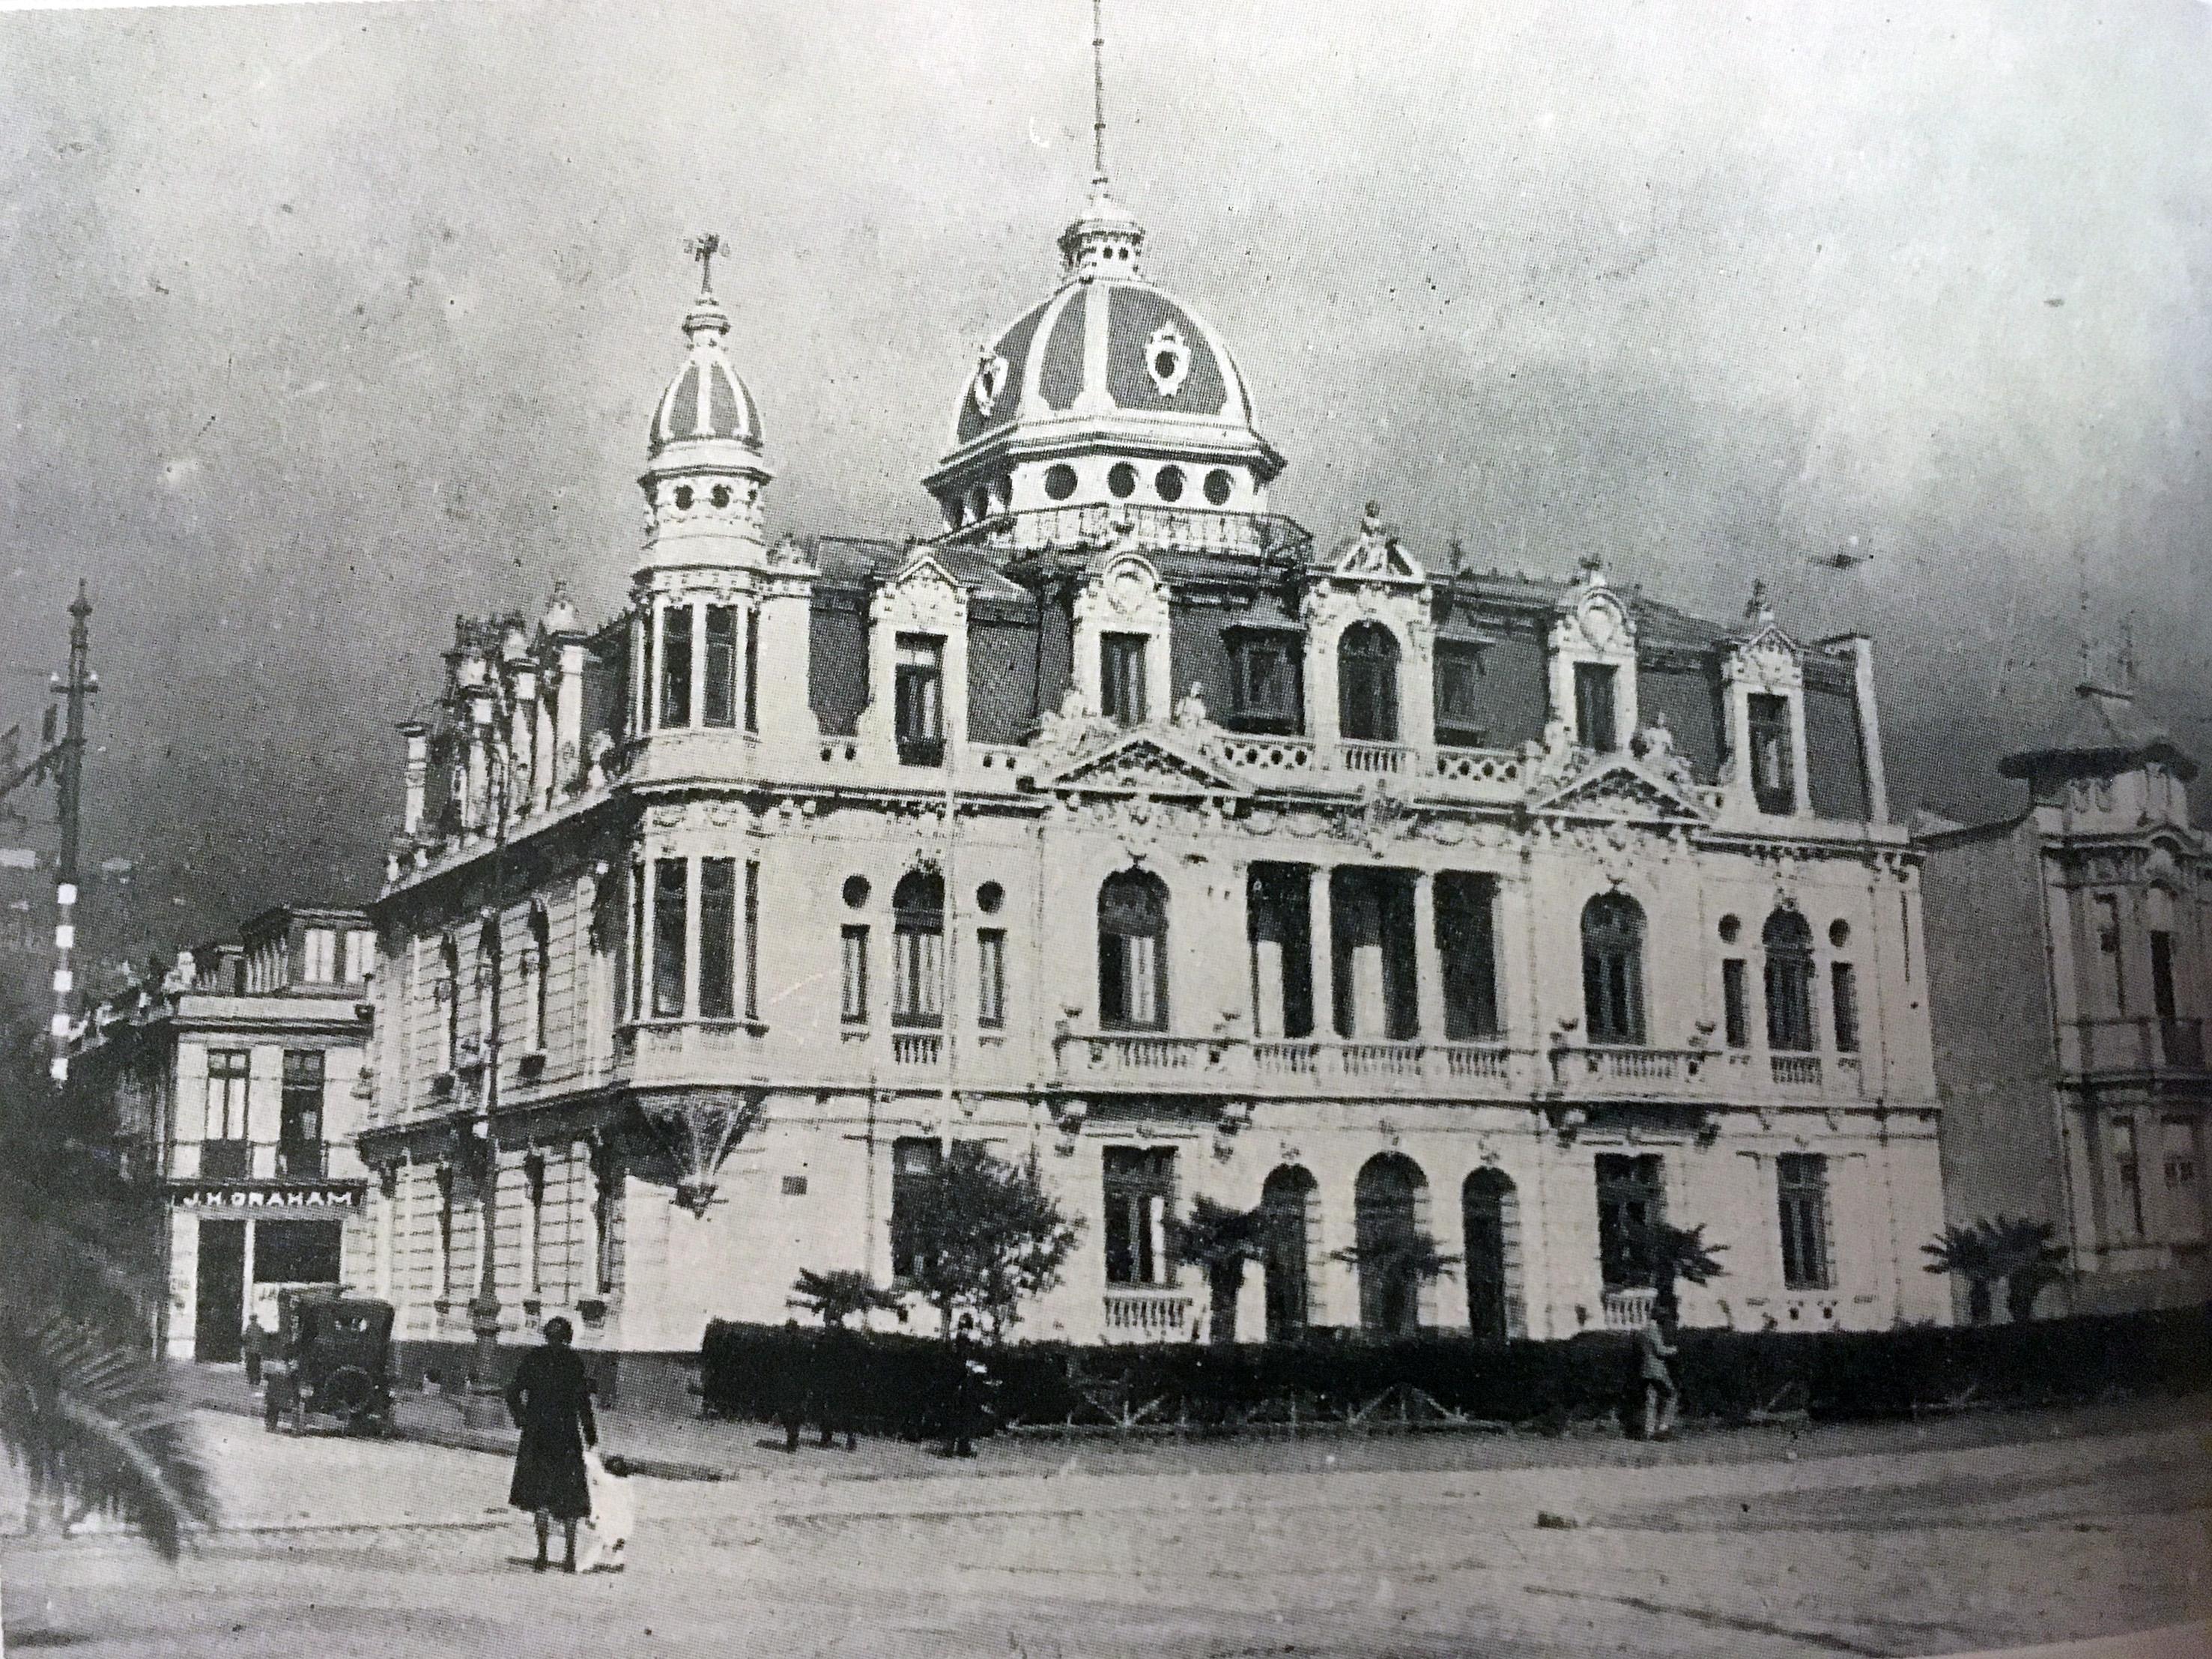 Enterreno - Fotos históricas de chile - fotos antiguas de Chile - Palacio Polanco de Valparaíso en 1920